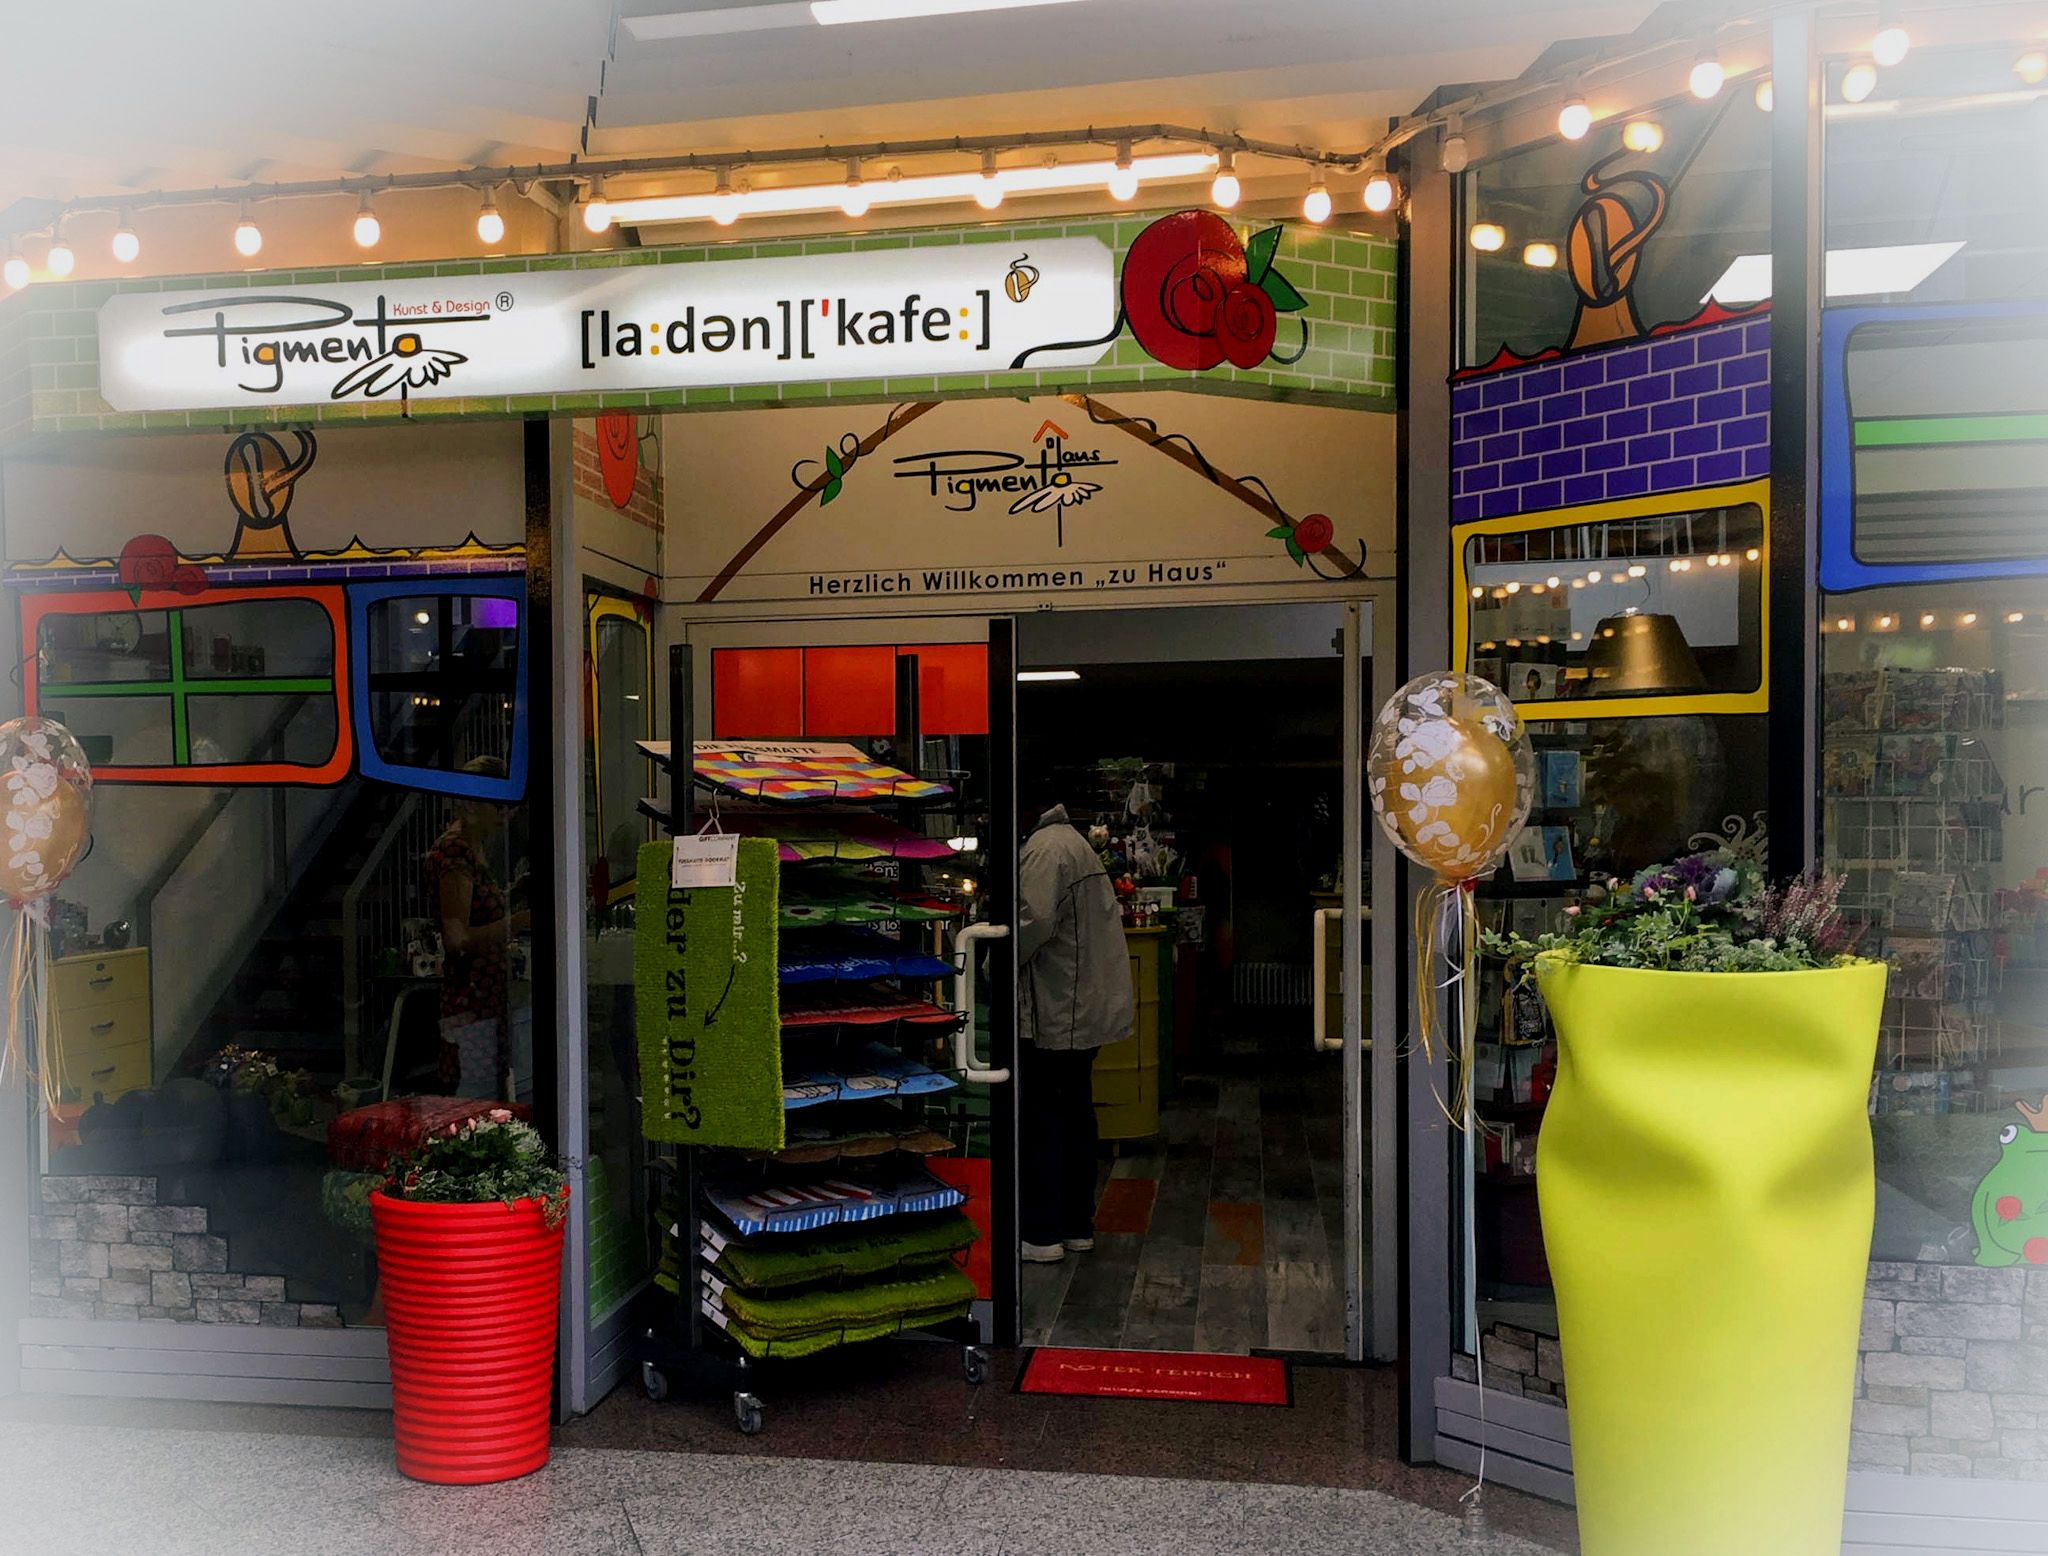 PIGMENTO Kunst & Design Laden-Café